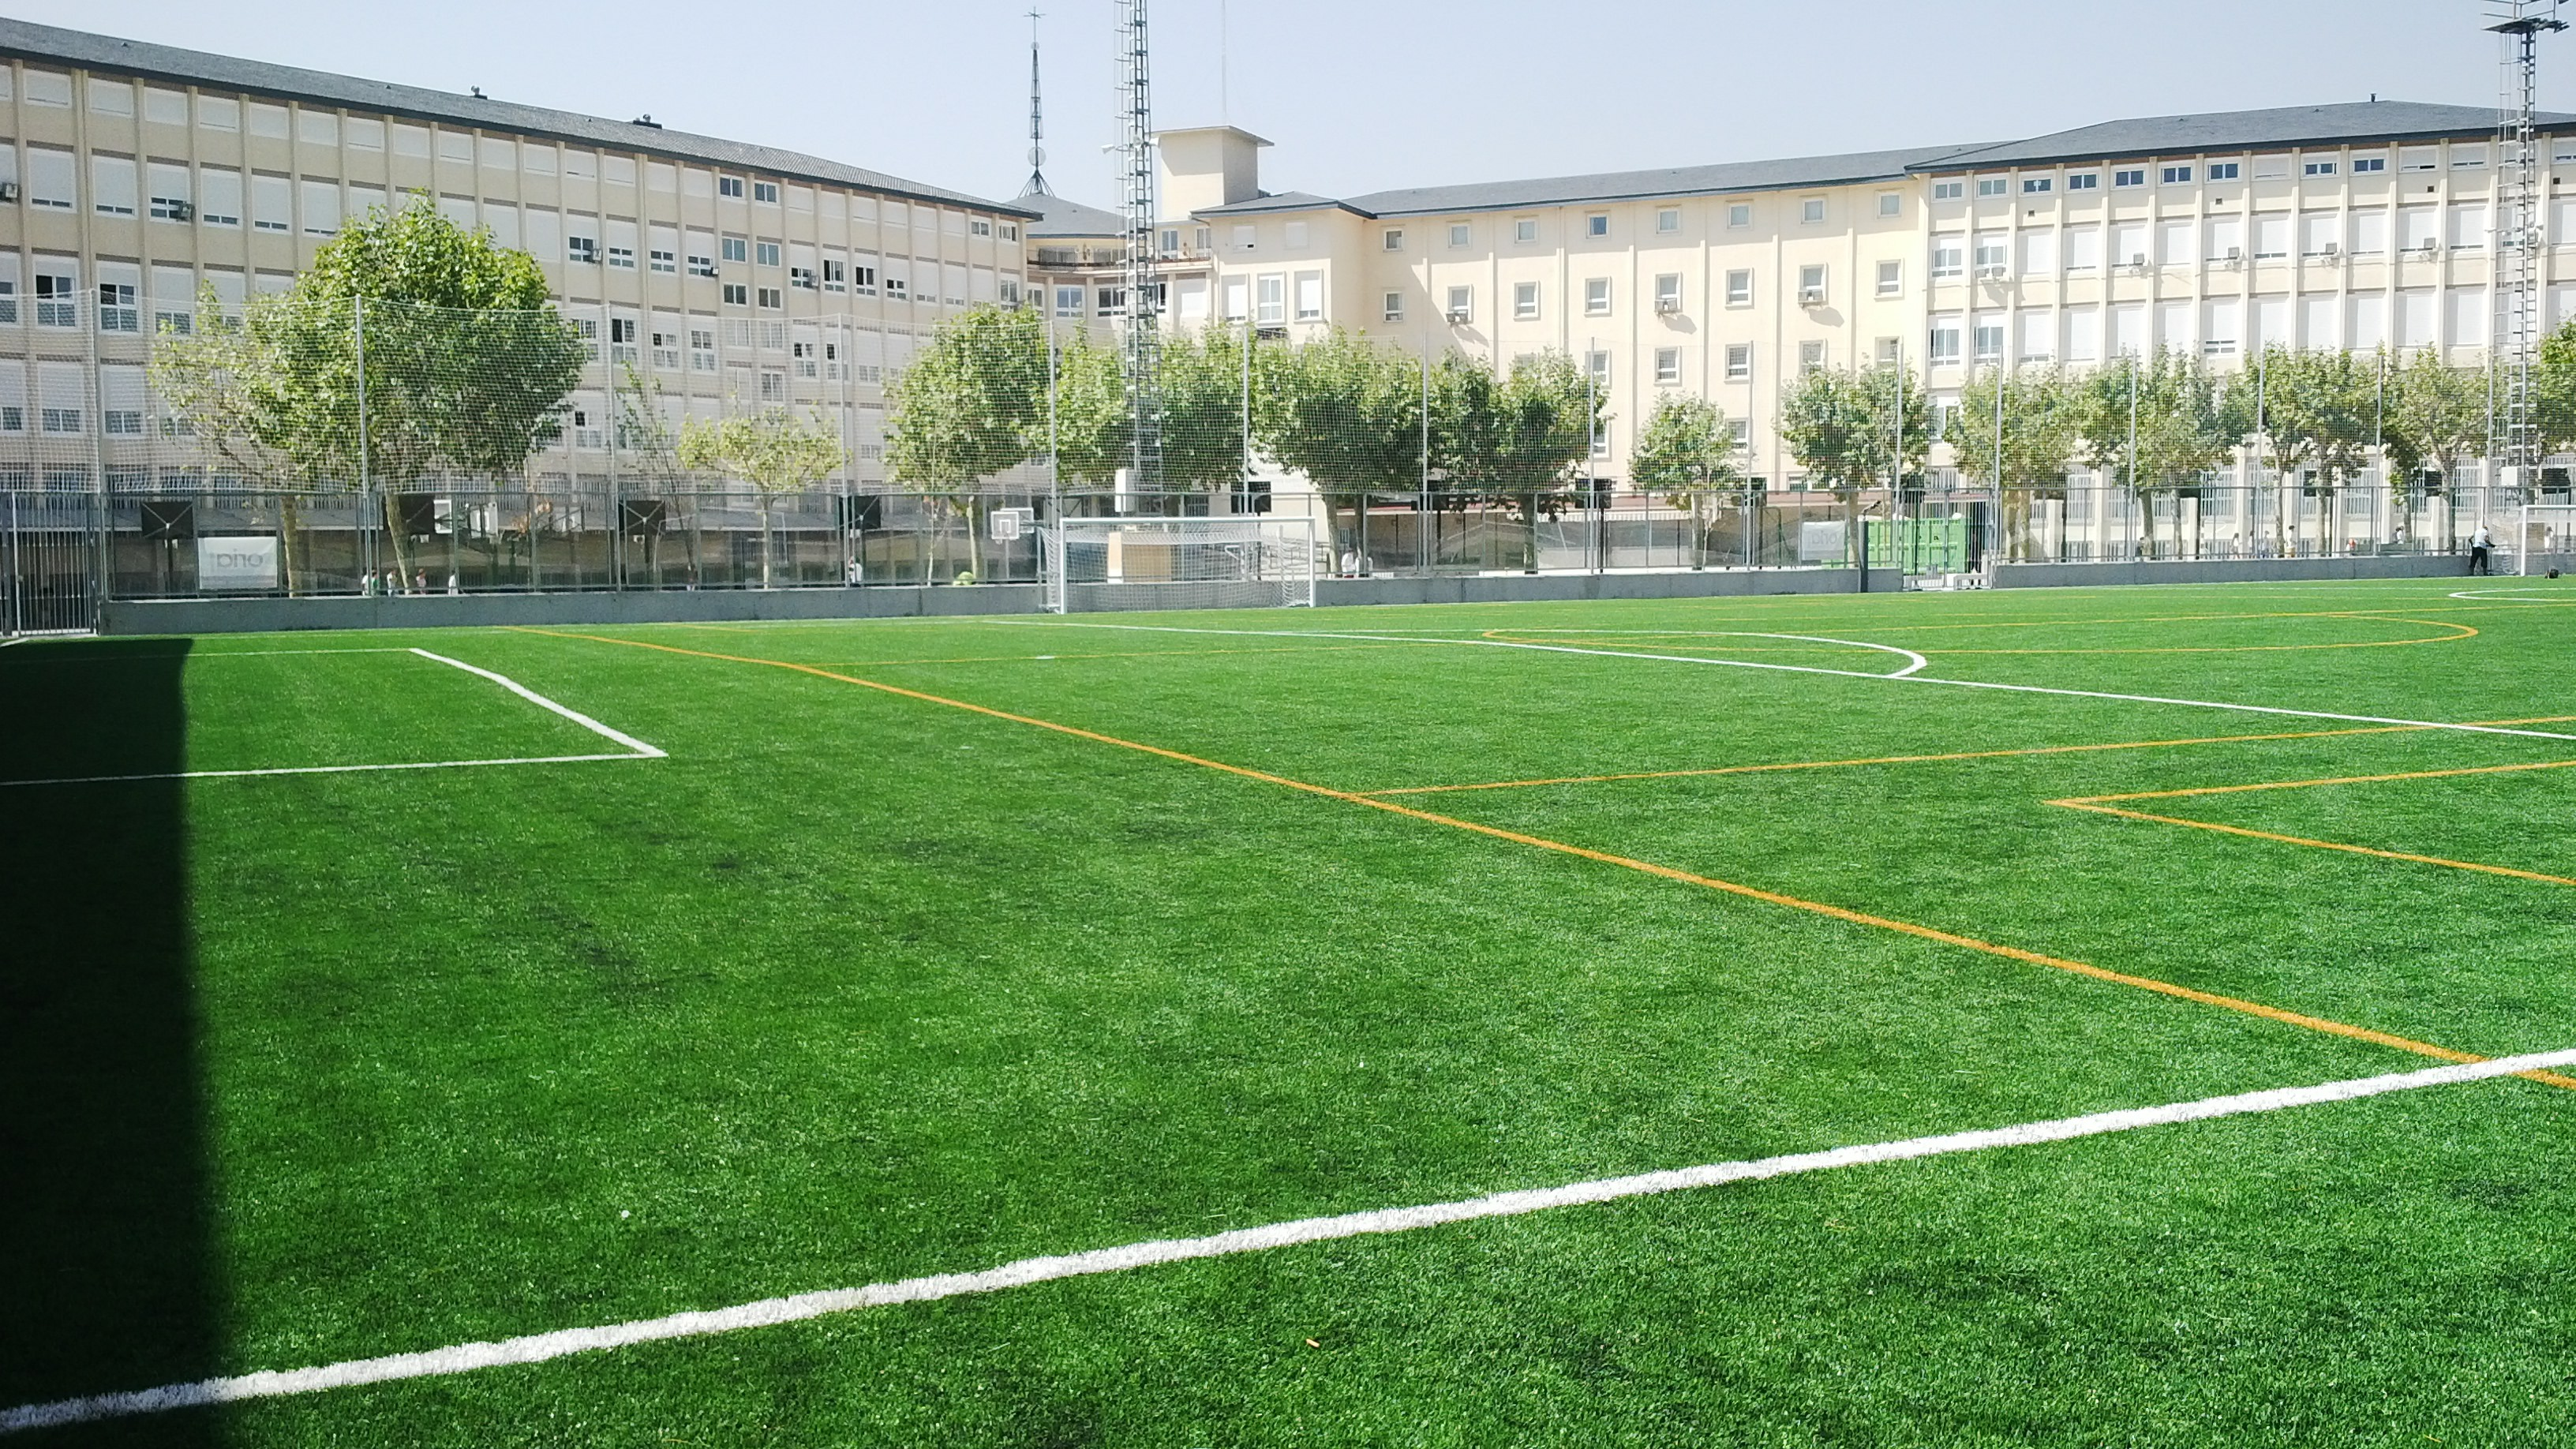 En el campo de fútbol del colegio San Agustín, equipado con césped Mondo, se instalará una pantalla led. El pabellón renovará además su pavimento por Mondoflex II con Everlay y un marcador Aries.